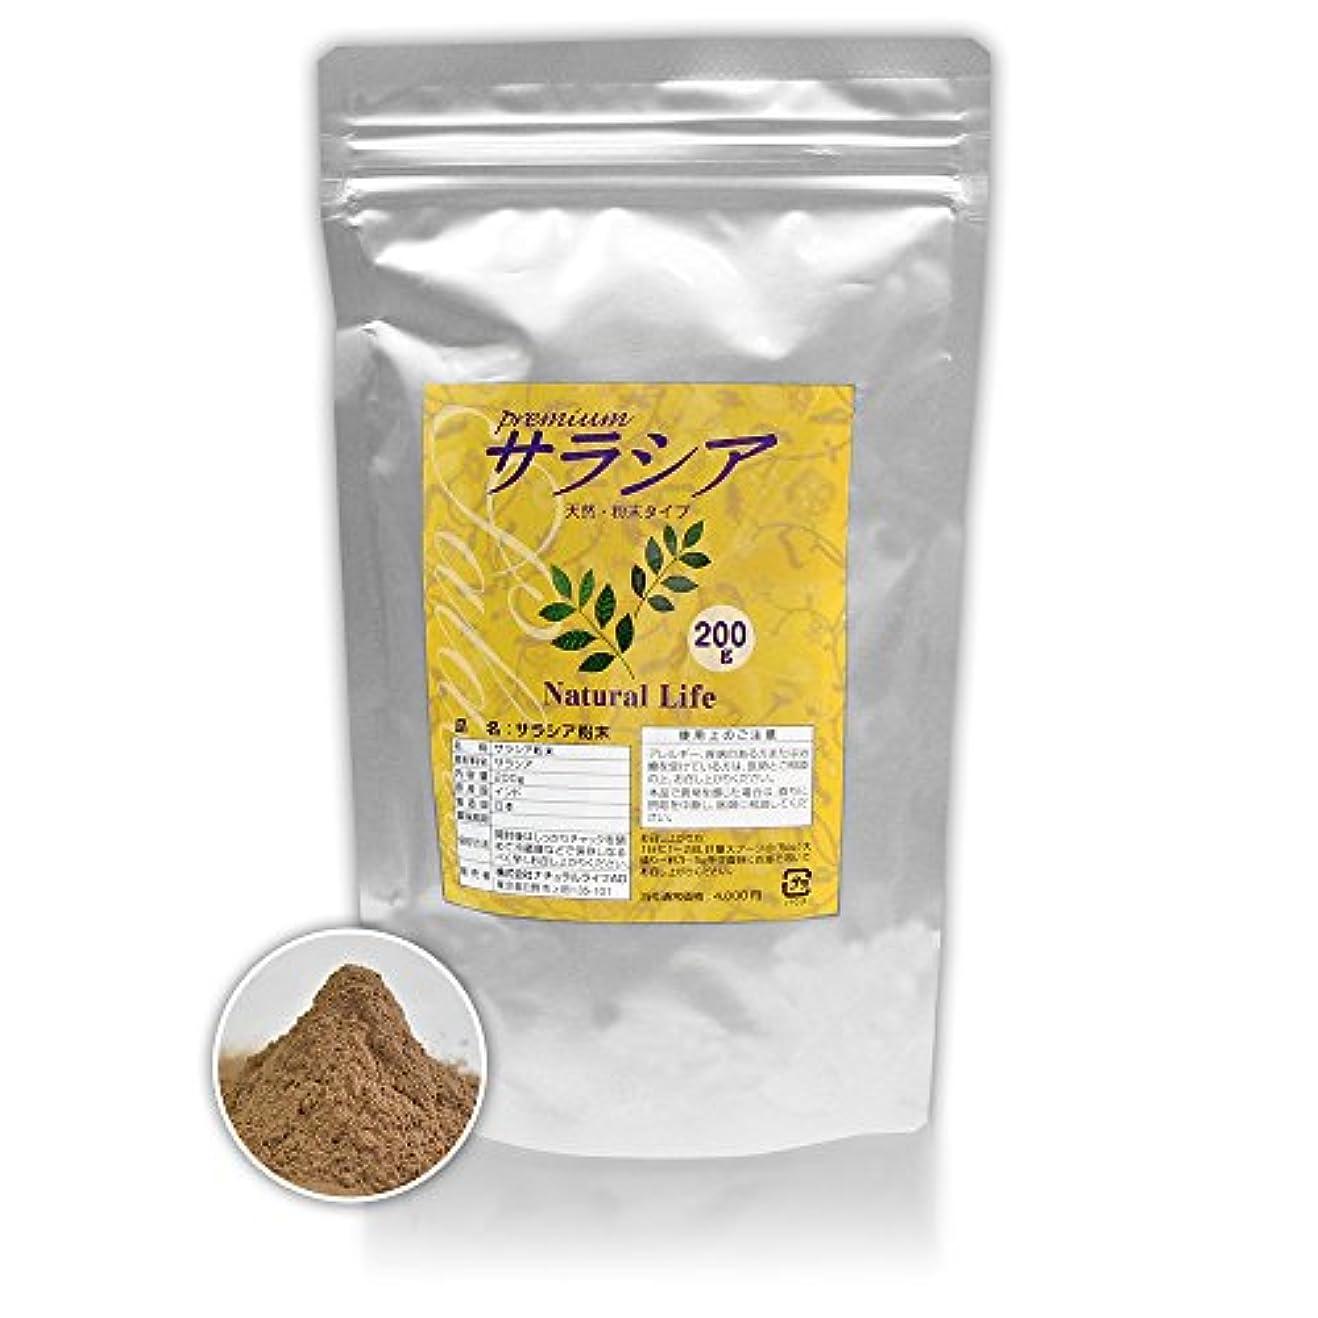 毛細血管手段順番サラシア粉末[200g]天然ピュア原料(無添加)健康食品(さらしあ,レティキュラータ)